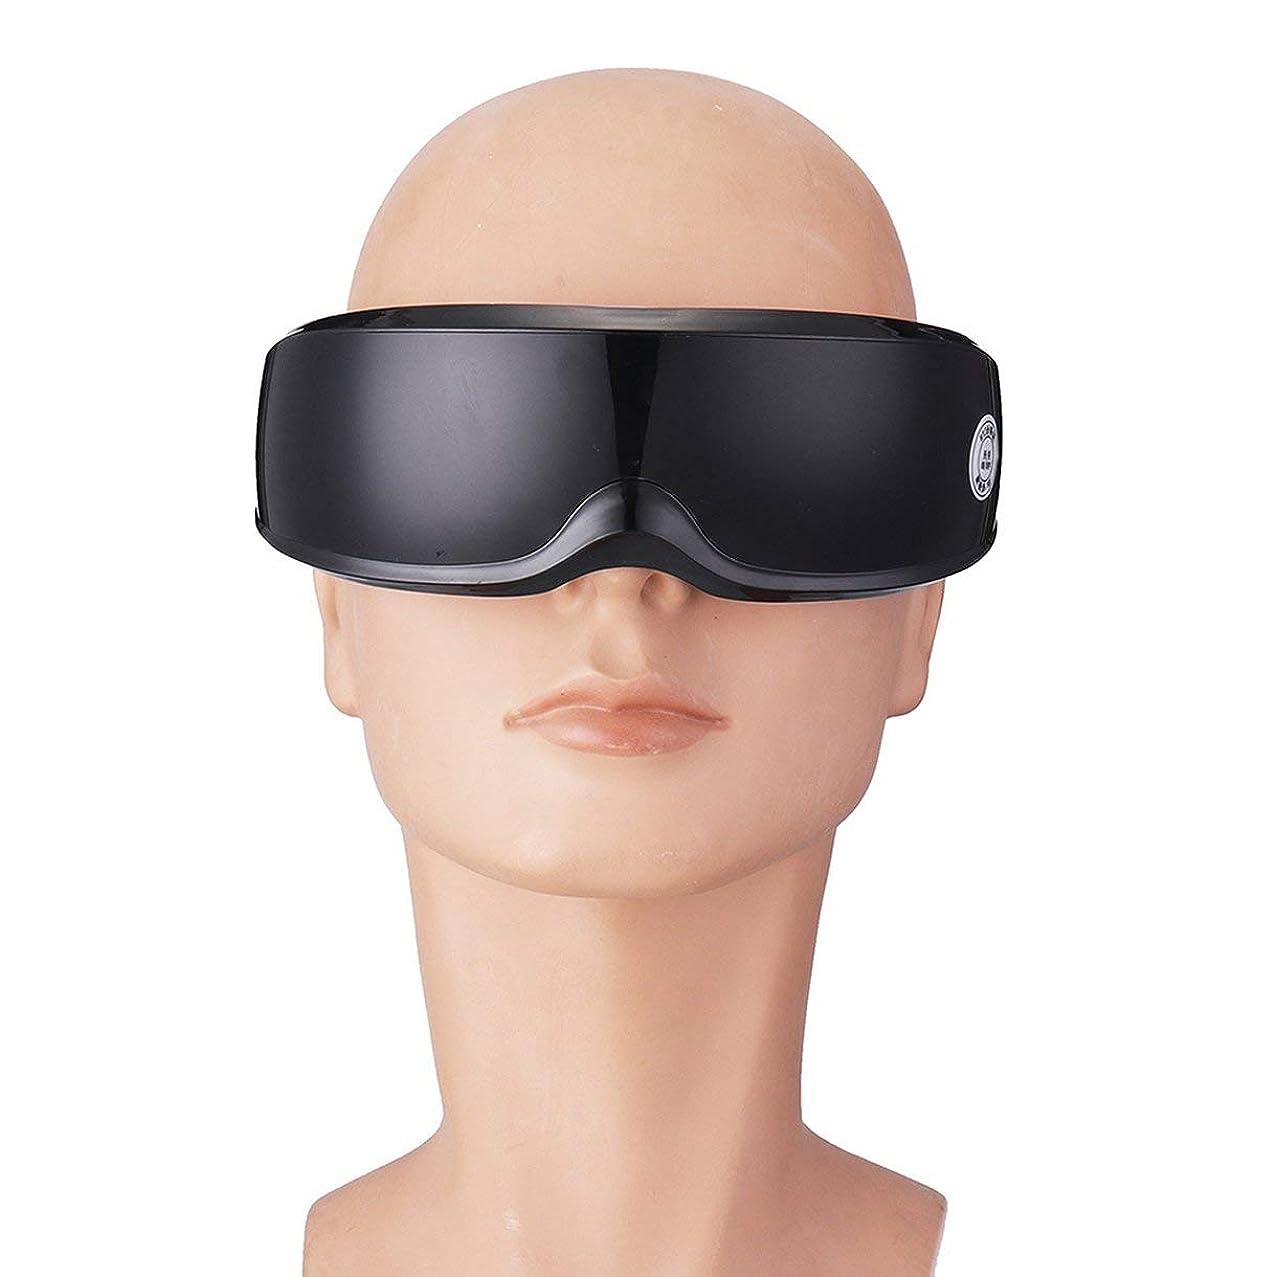 アーサー辛な肯定的USB Charging Electric Eye Massager Heating Care Vibration Massage Stress Relief Relaxation Eyesight Recovery Eye SPA Device